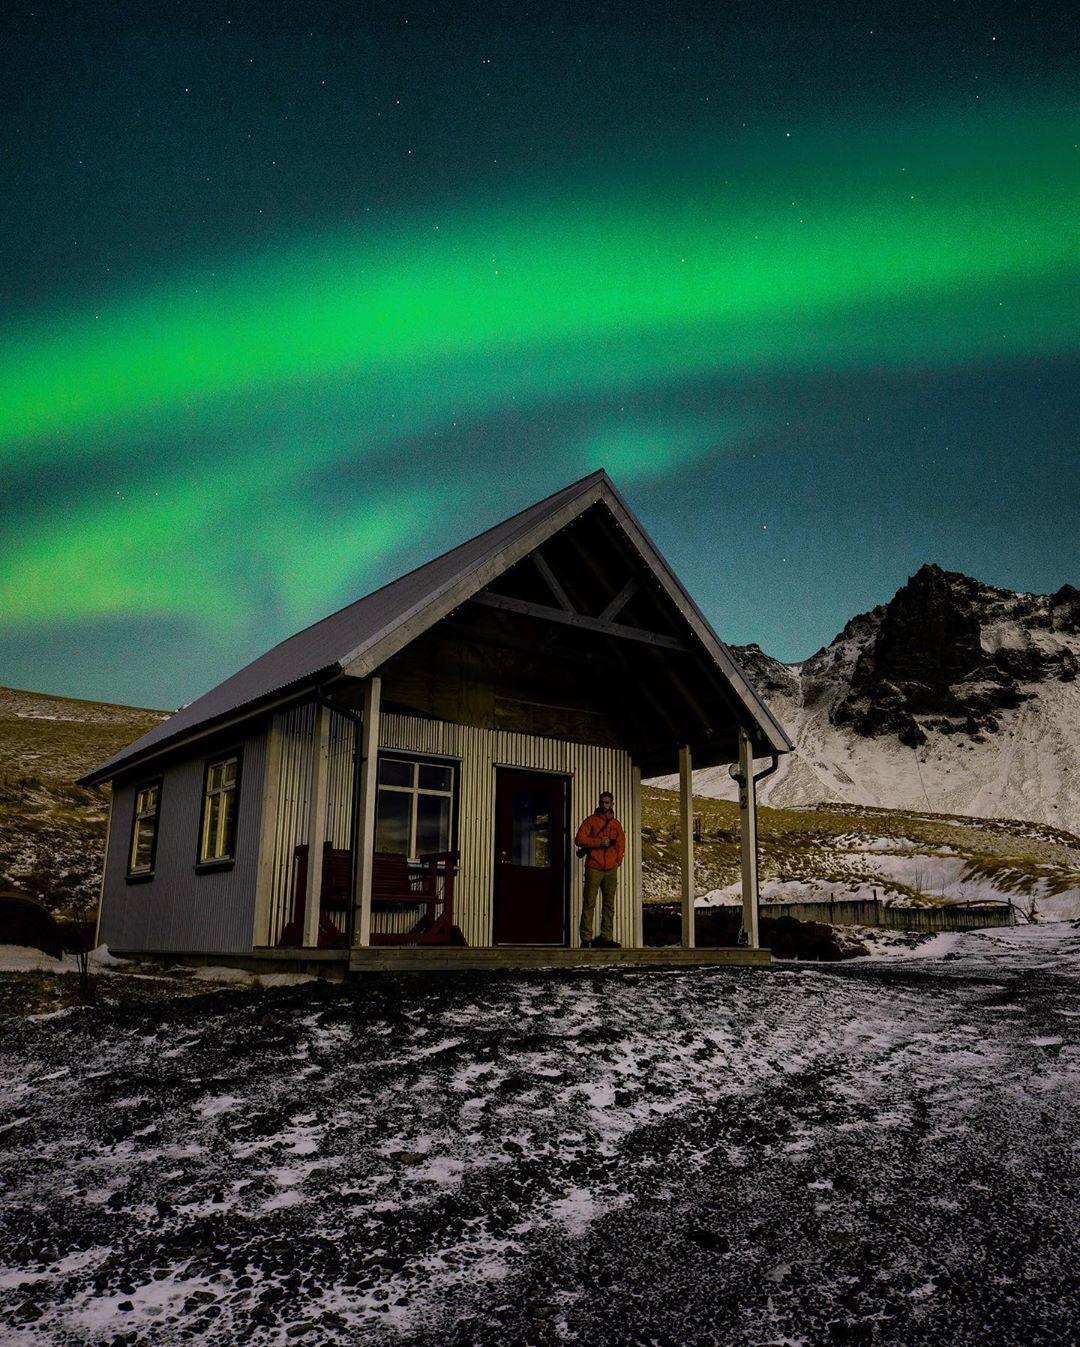 Природа и путешествия на снимках Натана Ли Аллена